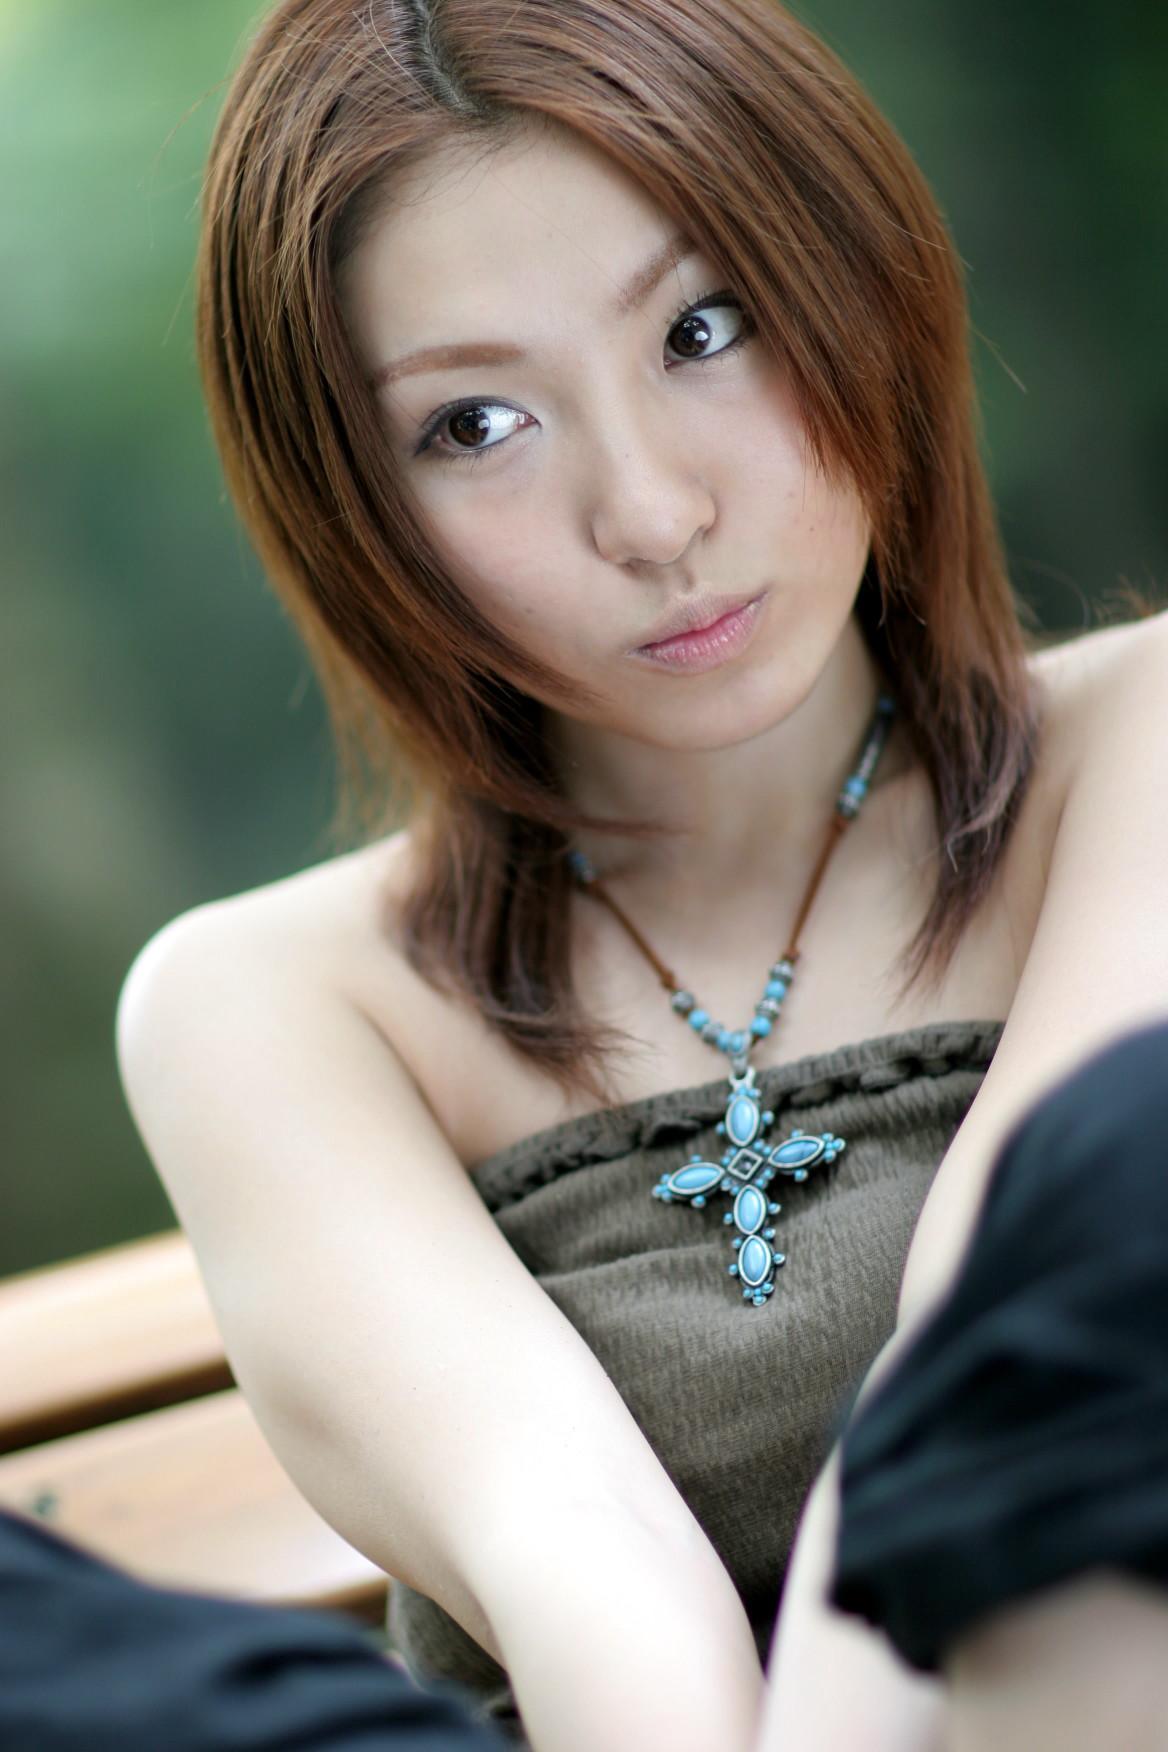 福愛美の画像 p1_24